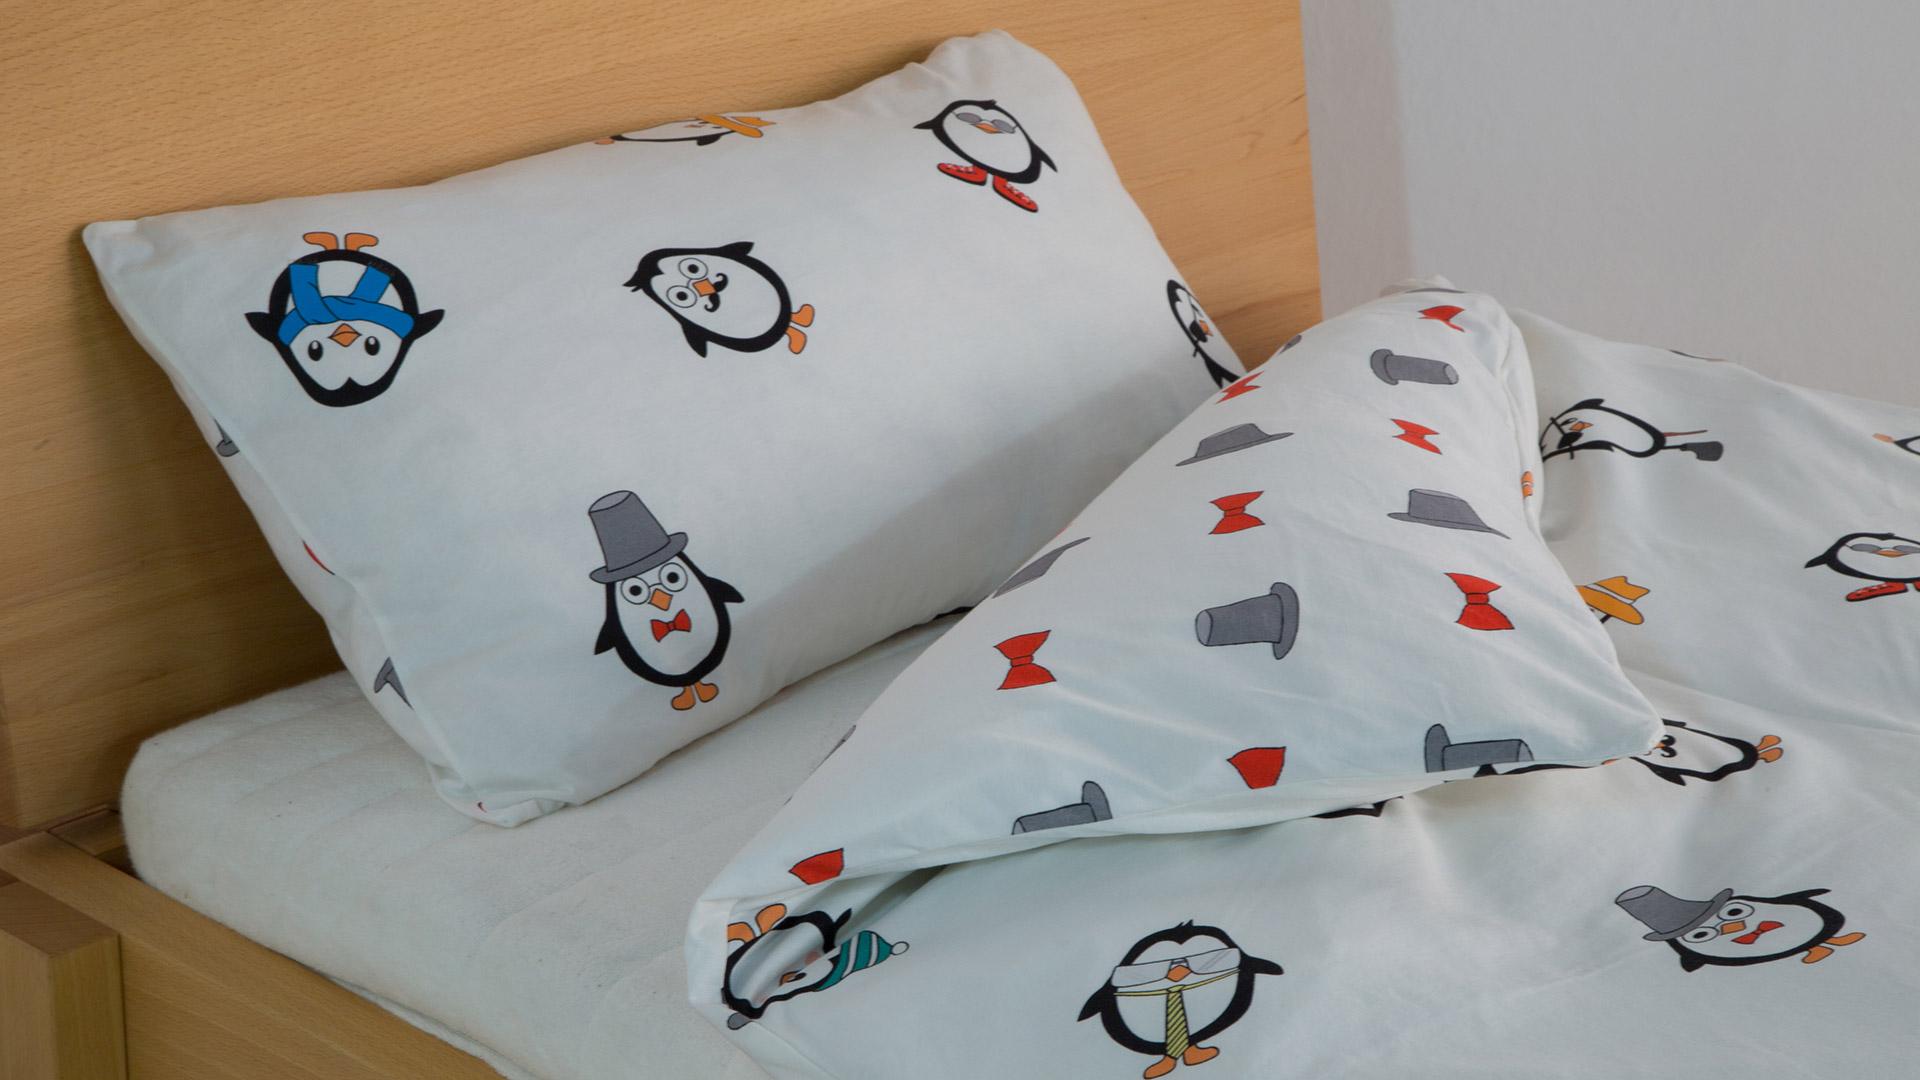 Full Size of Feinjersey Wende Bettwsche Pinguini Frhlich Bunt Mit Lustige T Shirt Sprüche T Shirt Bettwäsche Wohnzimmer Bettwäsche Lustig